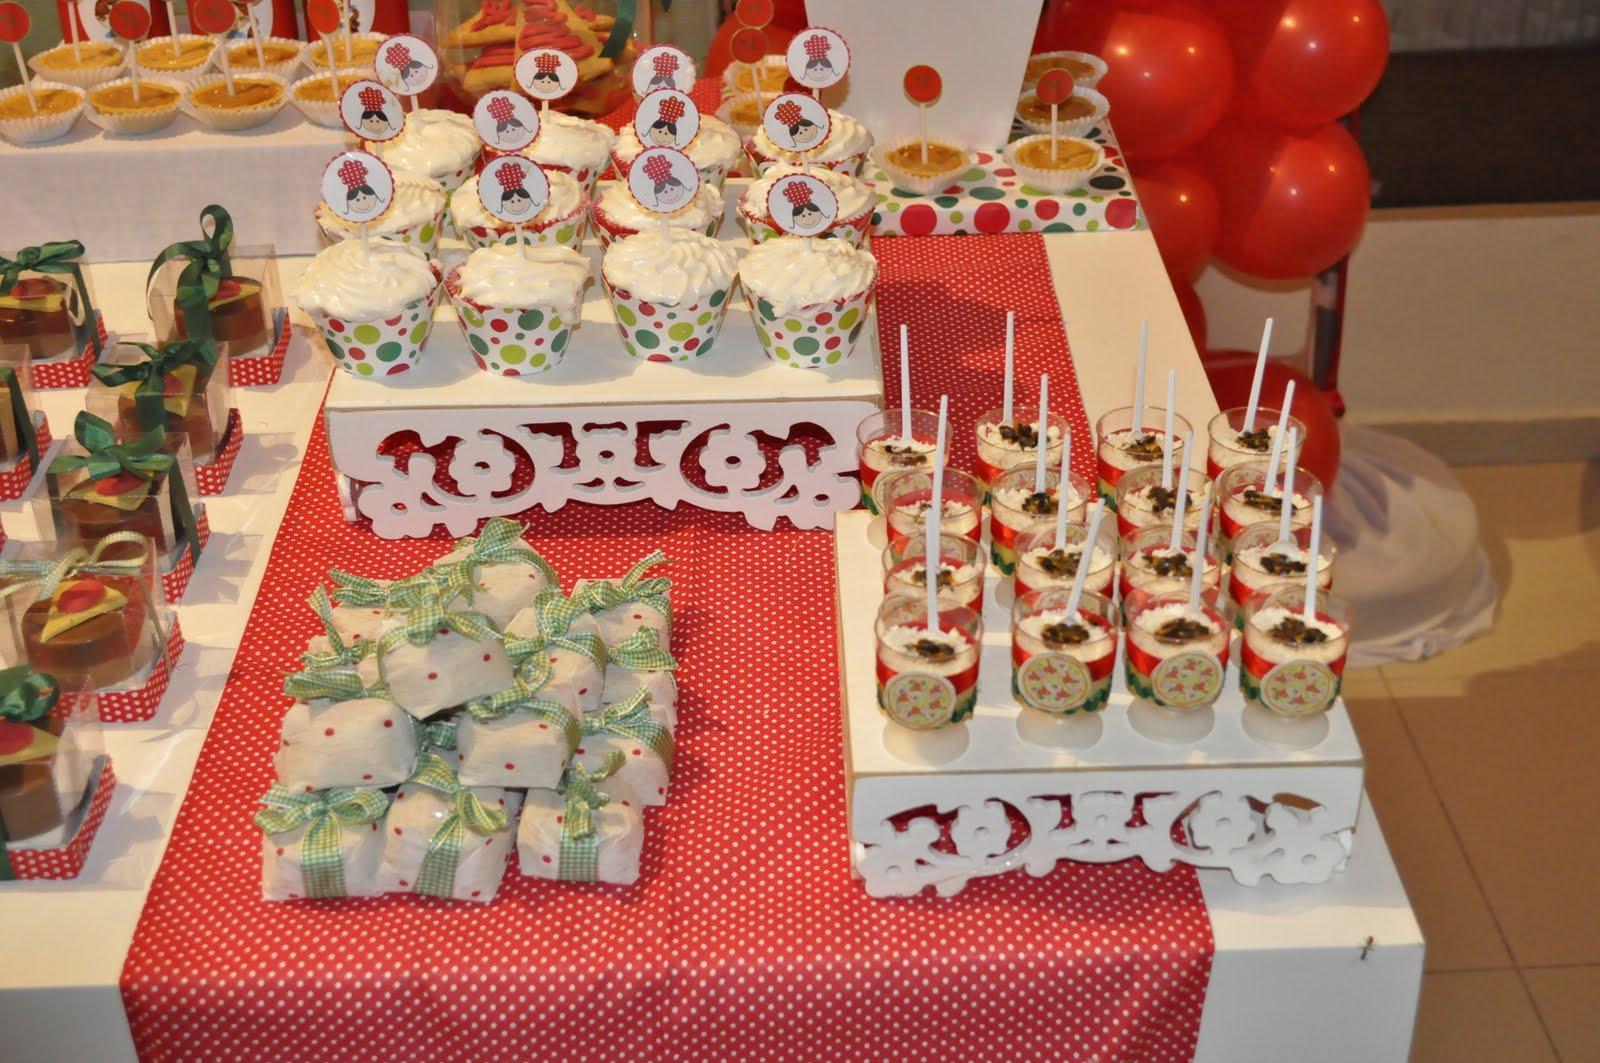 decoracao festa xadrez:Linda festa com super decoração de pizza, usando tecidos xadrez